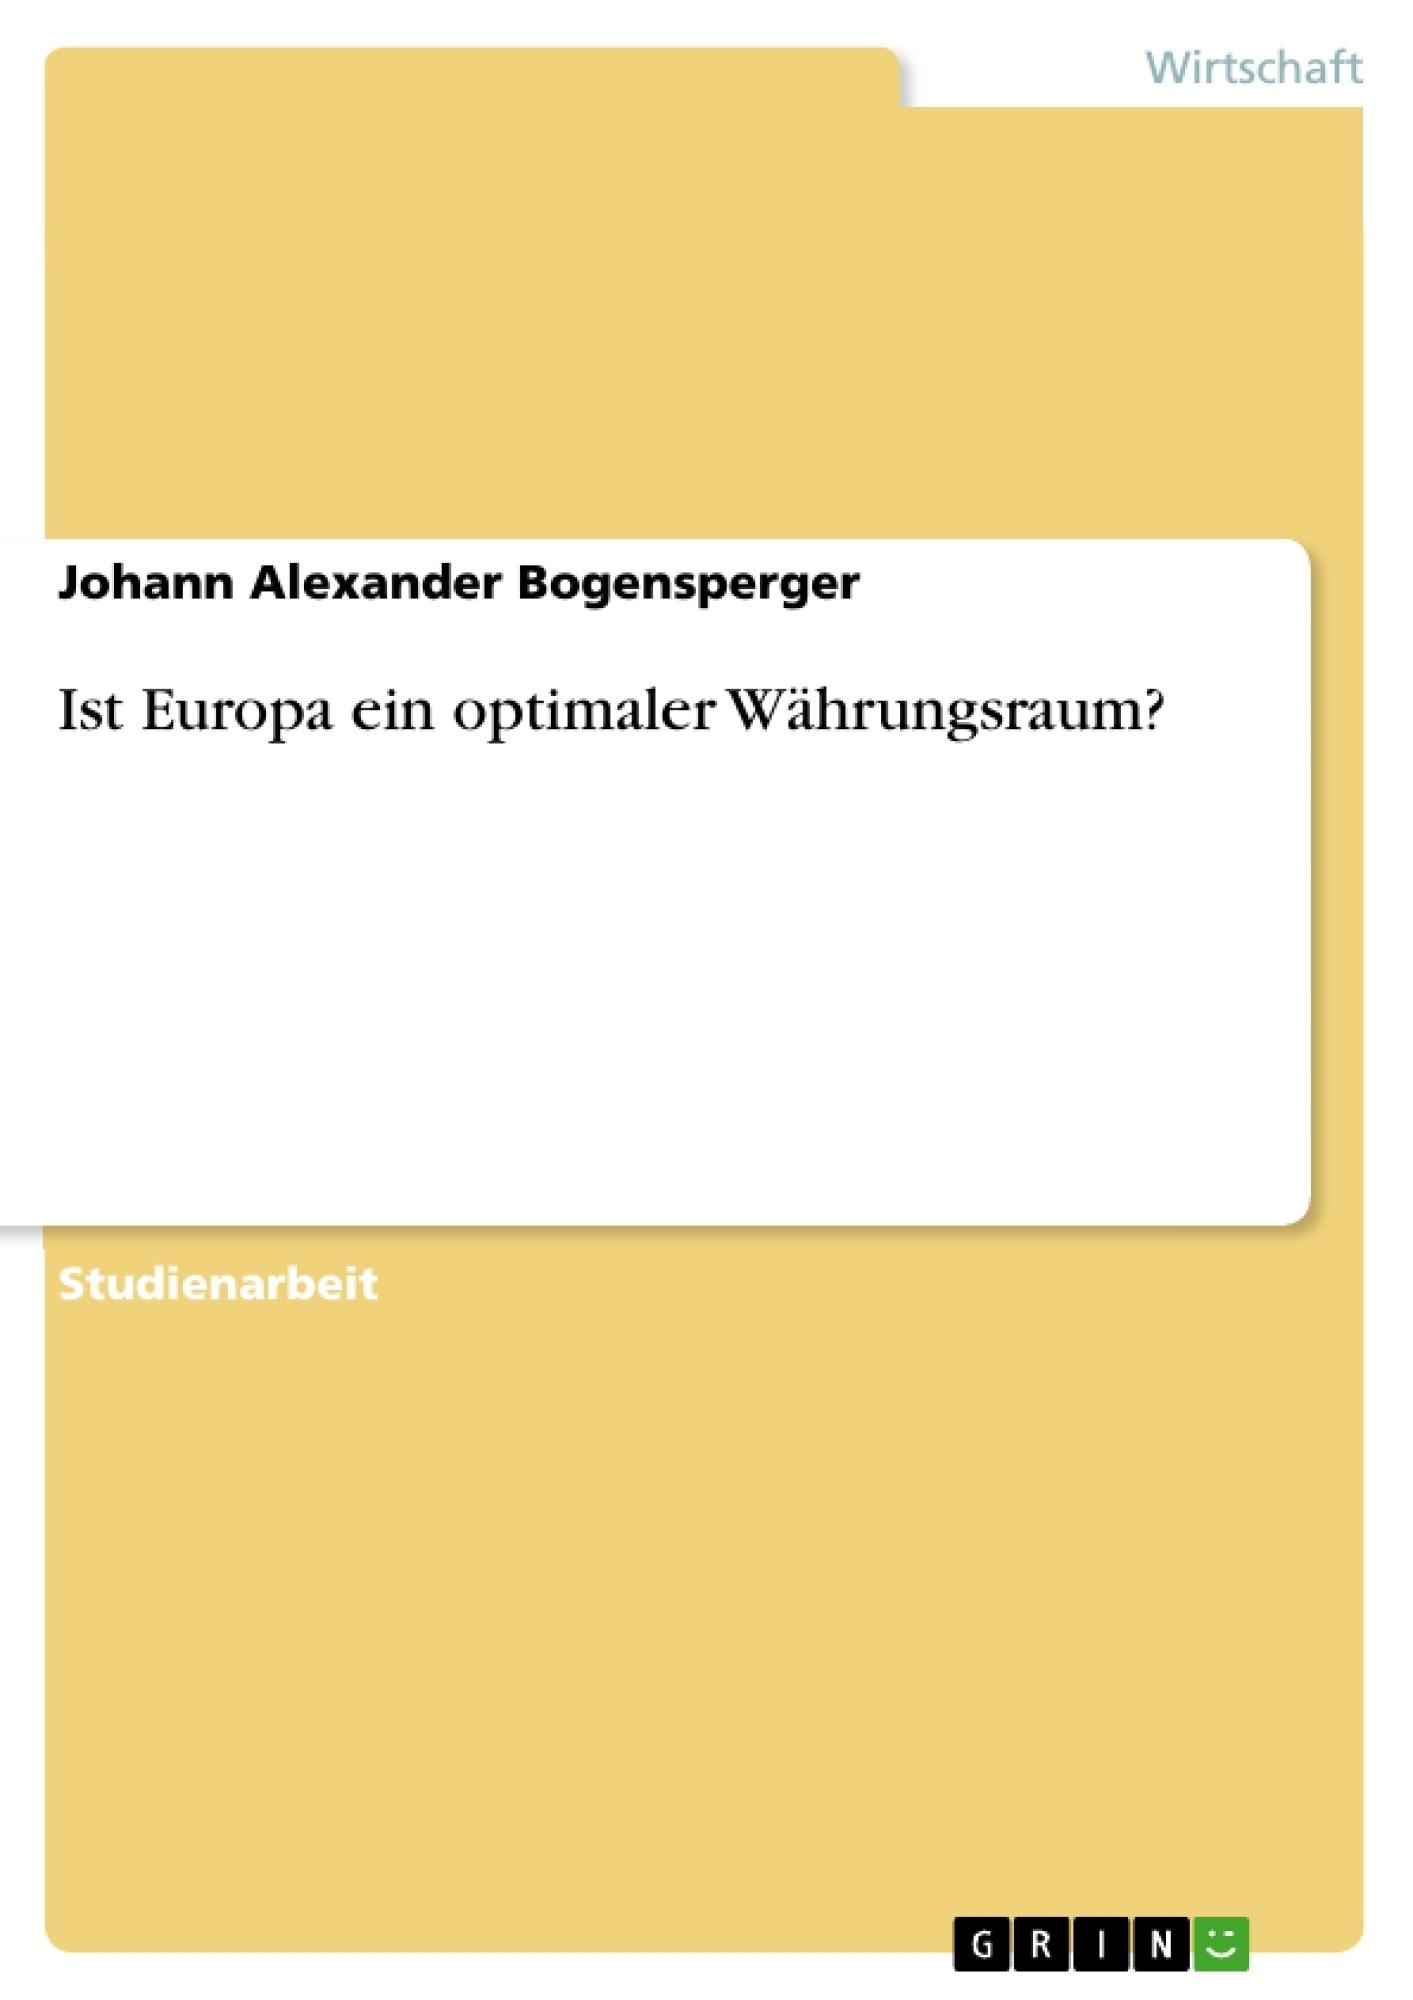 Titel: Ist Europa ein optimaler Währungsraum?